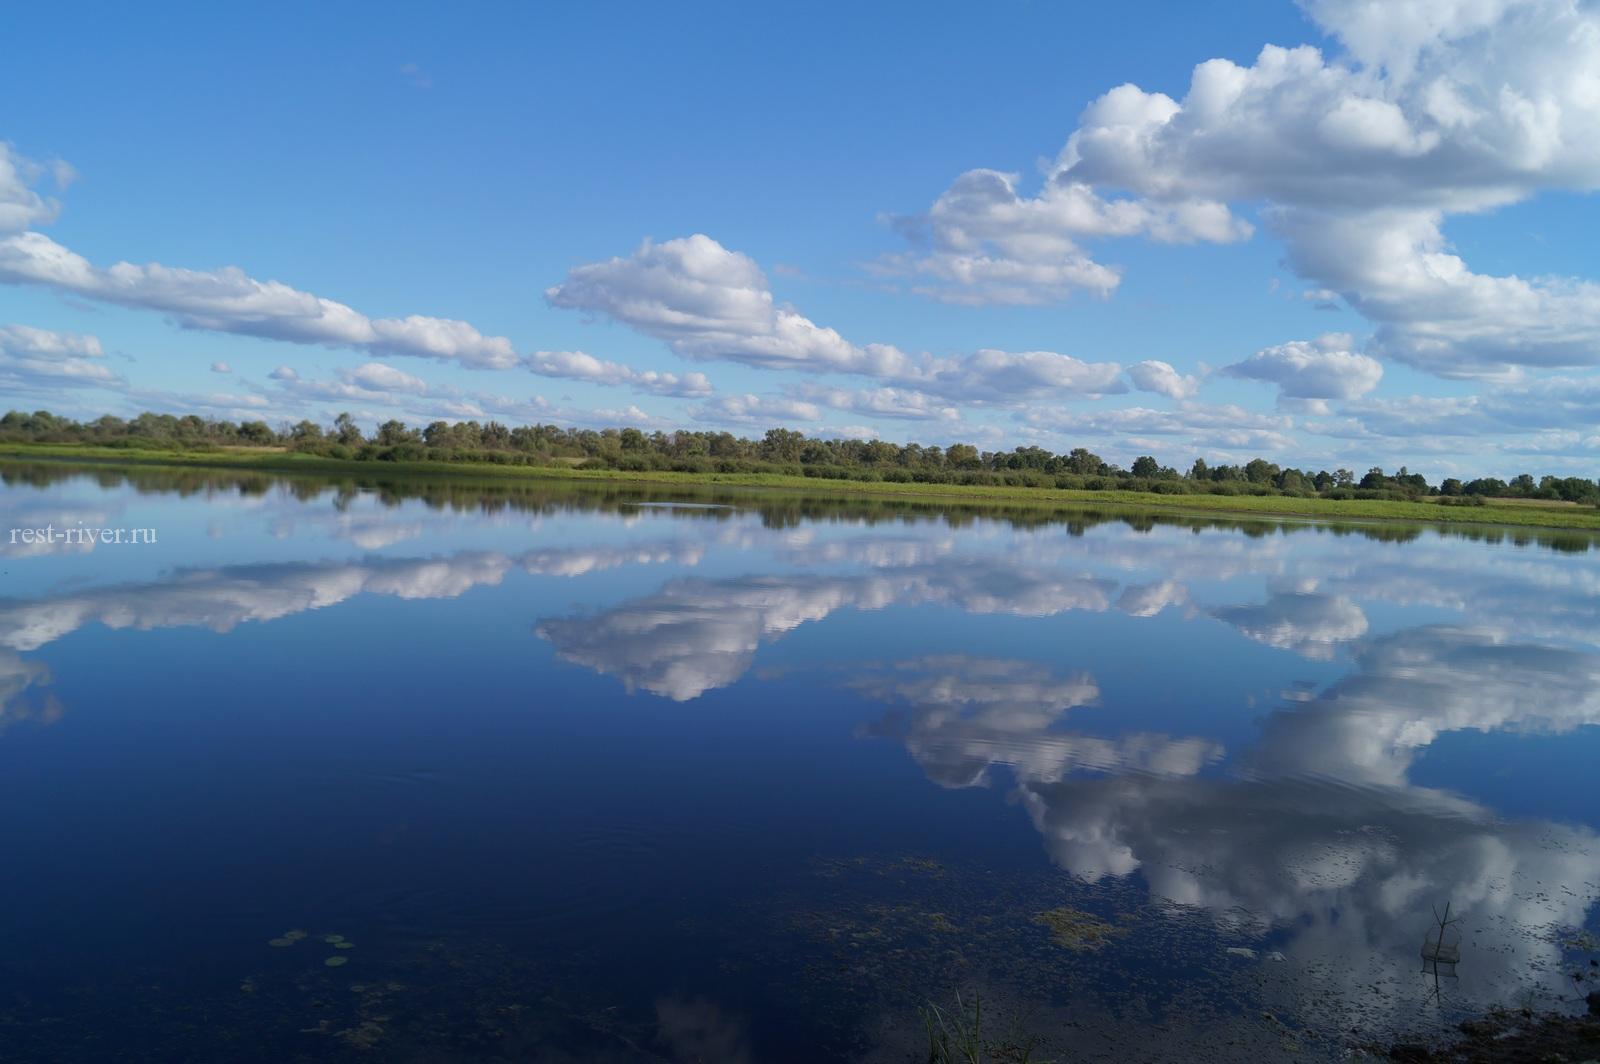 отражение облаков в воде озера